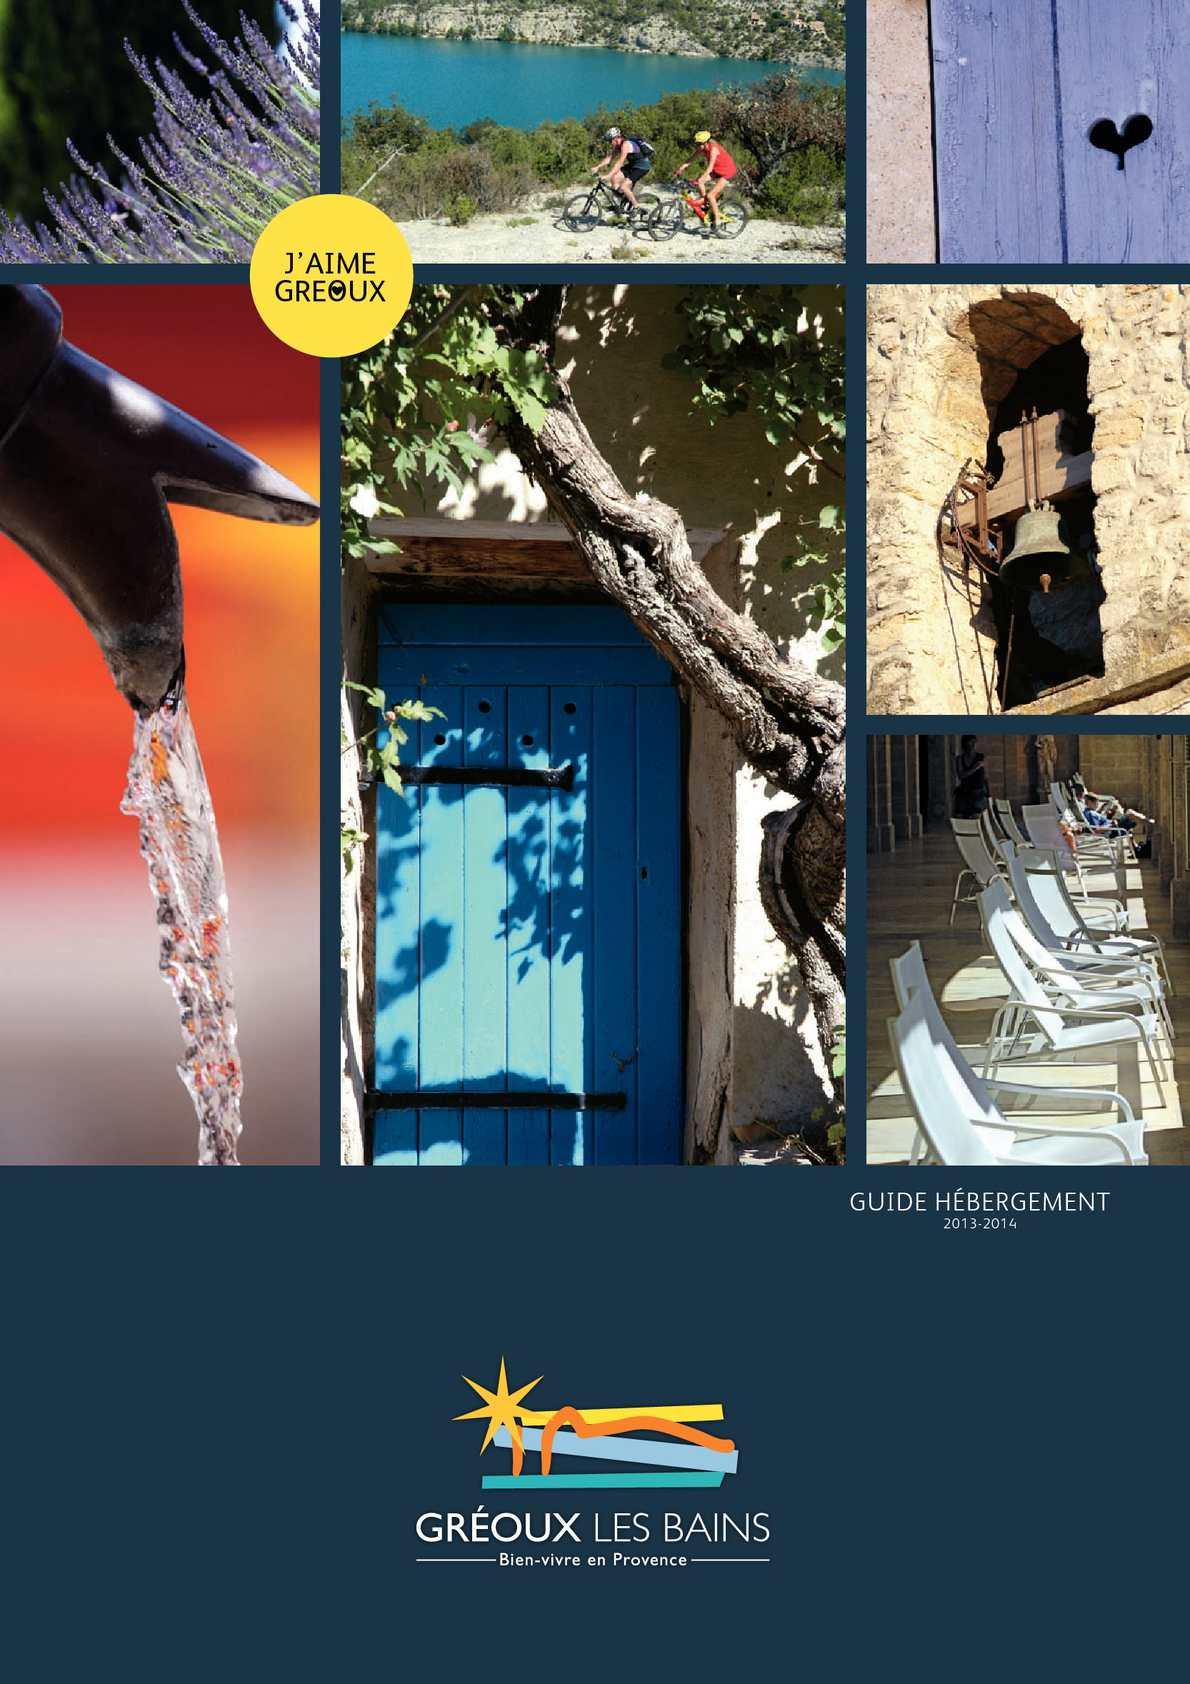 calam o guide h bergement 2013 de l 39 office de tourisme de gr oux les bains. Black Bedroom Furniture Sets. Home Design Ideas